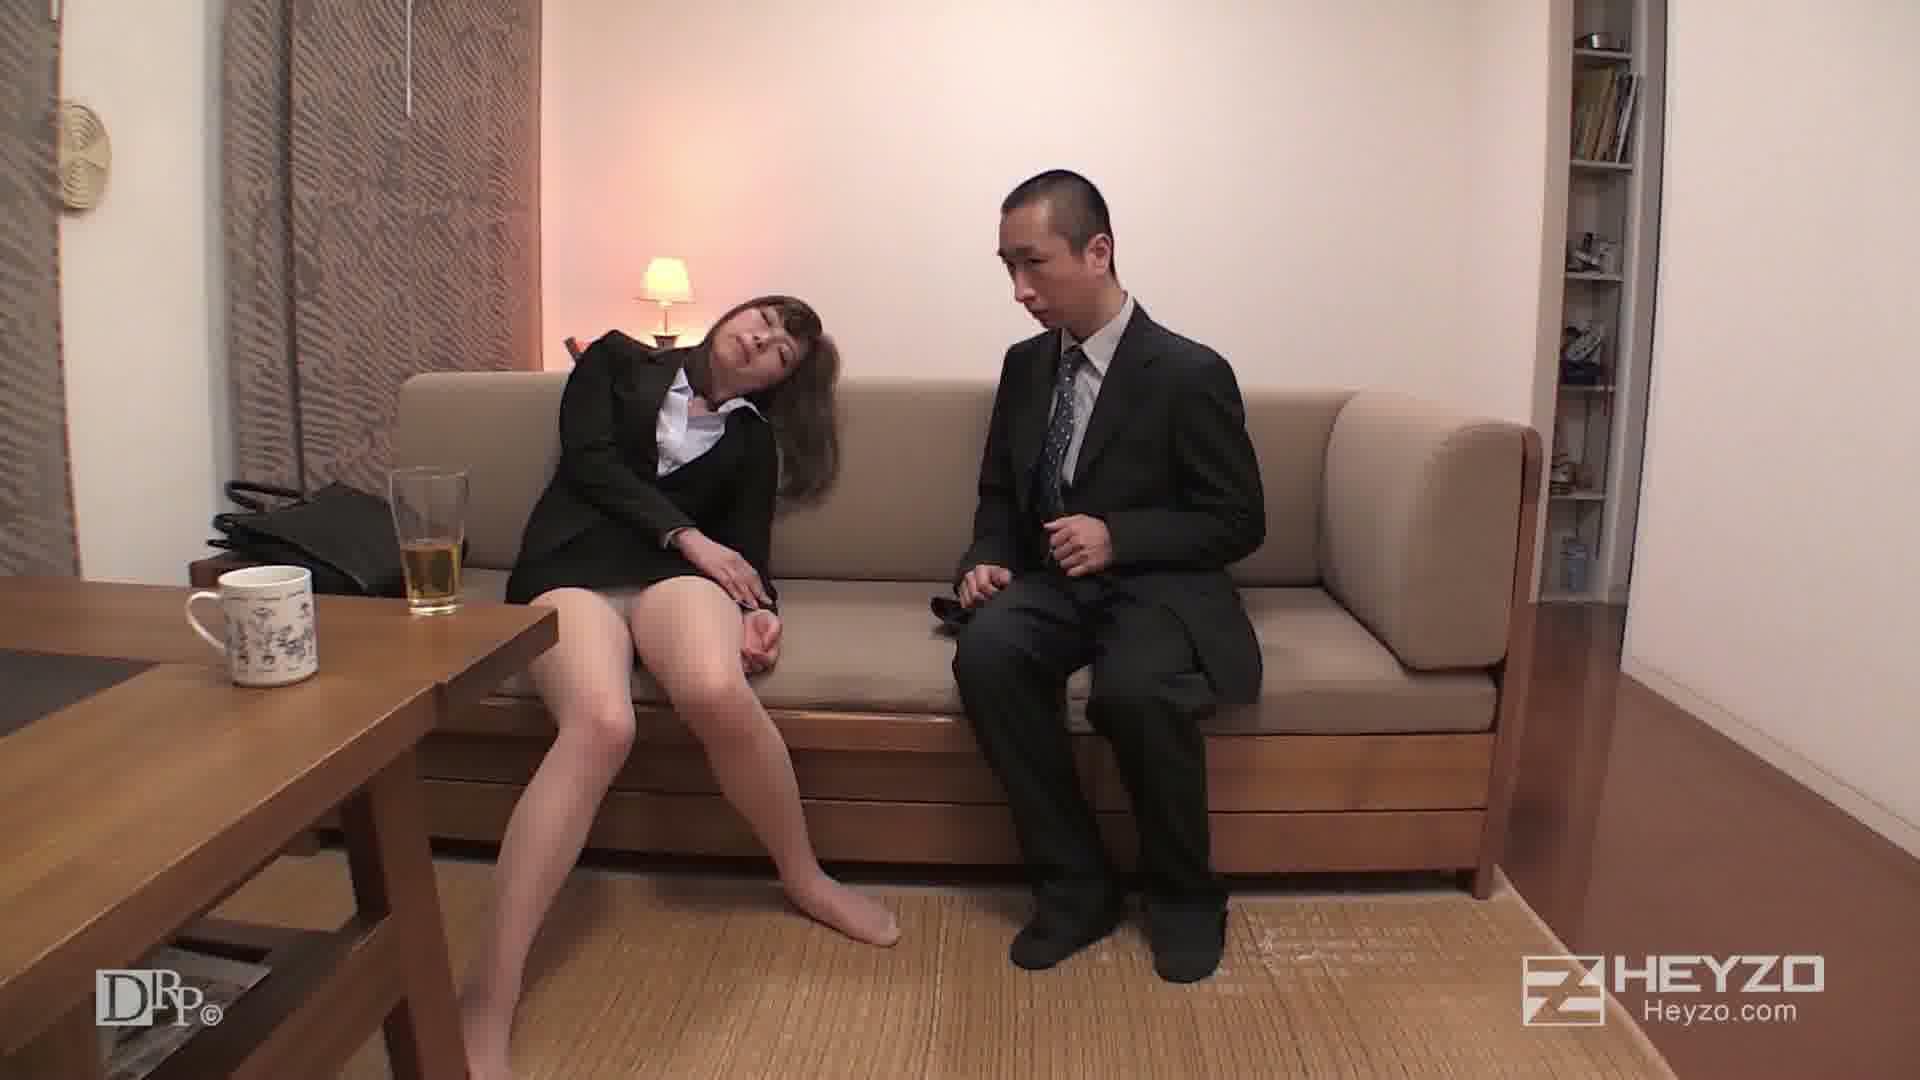 美痴女~タイトなミニスカで誘う淫女~ - 加藤ツバキ【飲み 熟睡 おさわり ベロチュー】